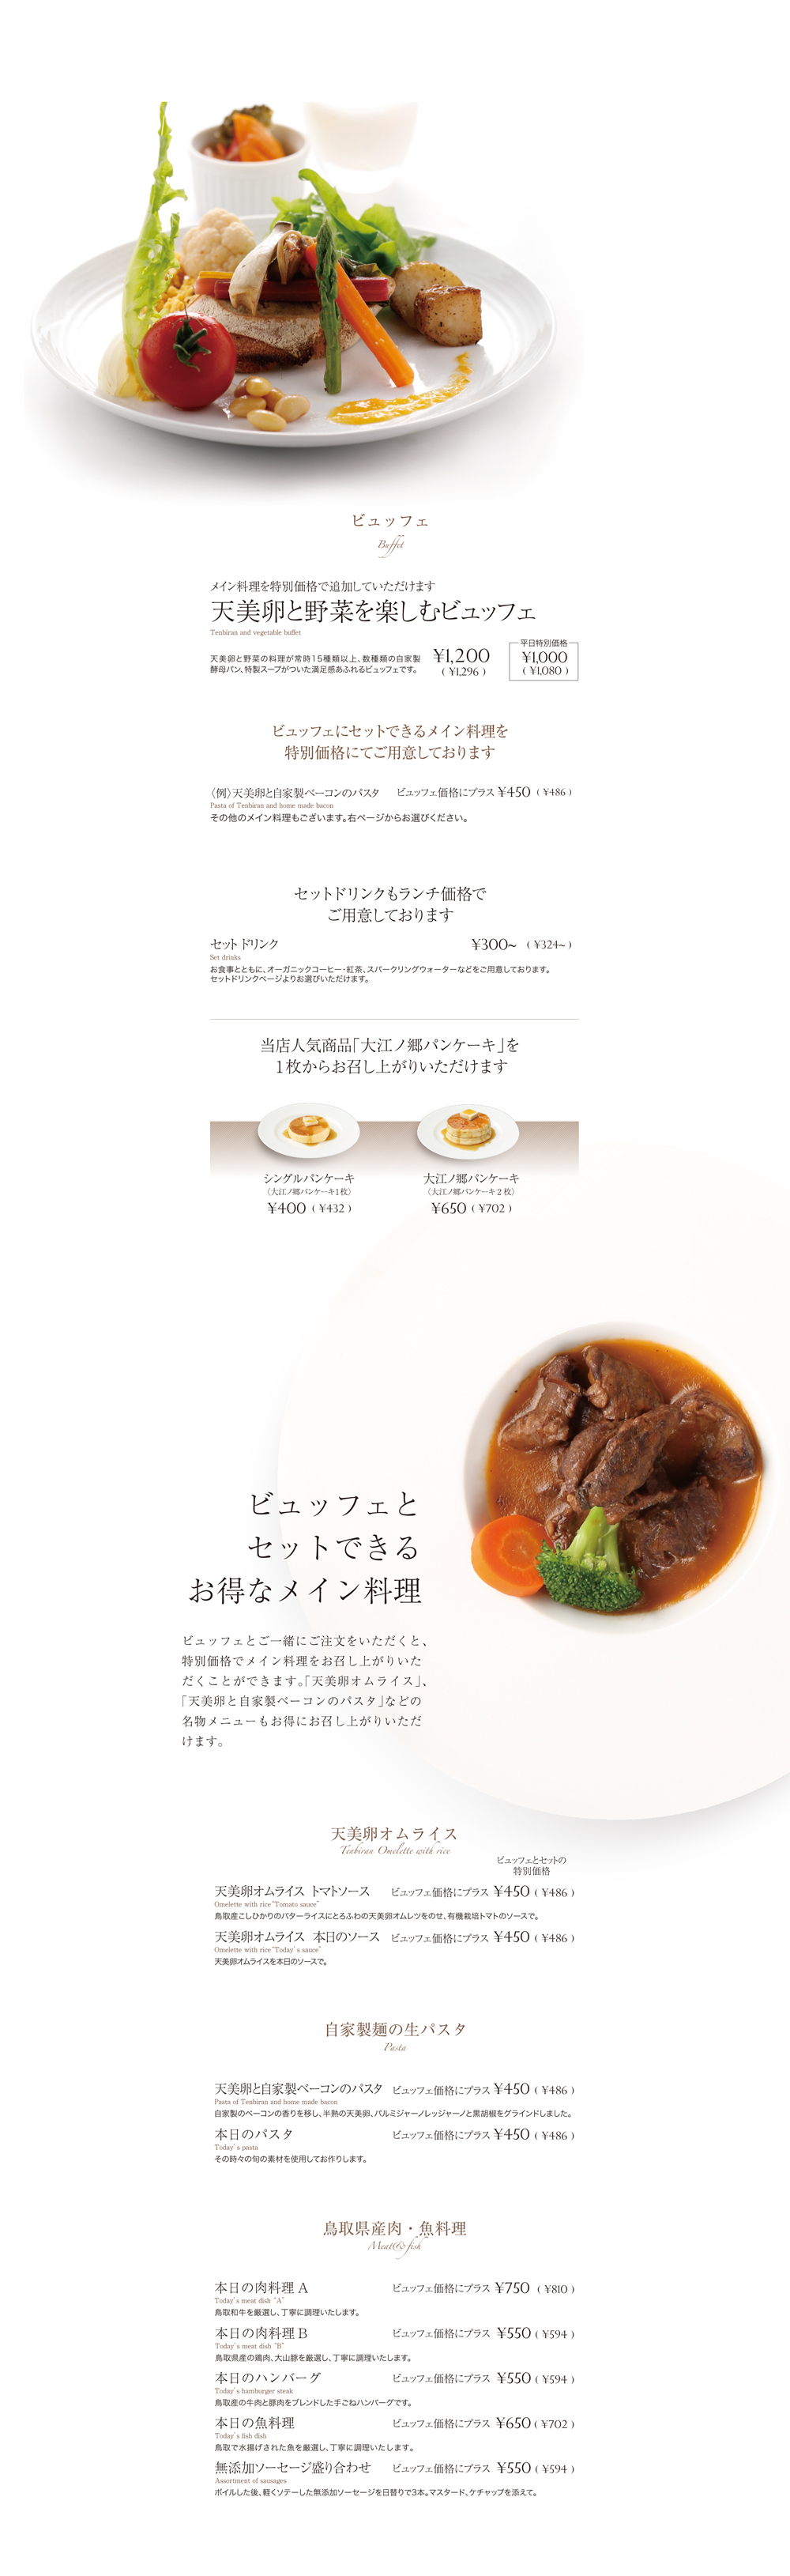 大江ノ郷テラス「天美卵と野菜を楽しむビュッフェ」